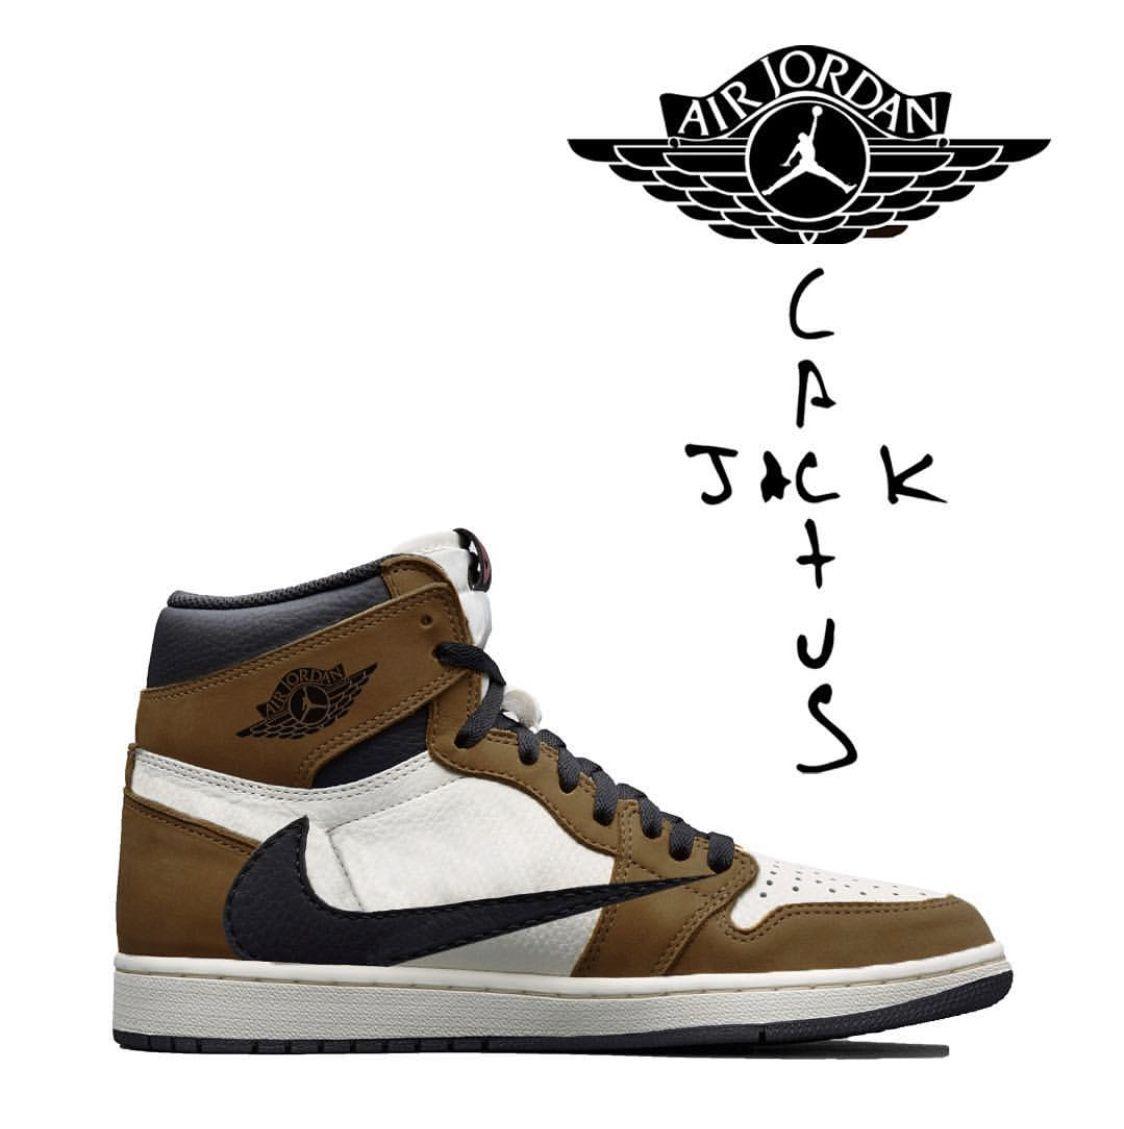 110 Melhores Ideias de Sneakers em 2020 | Tenis, Sapatos